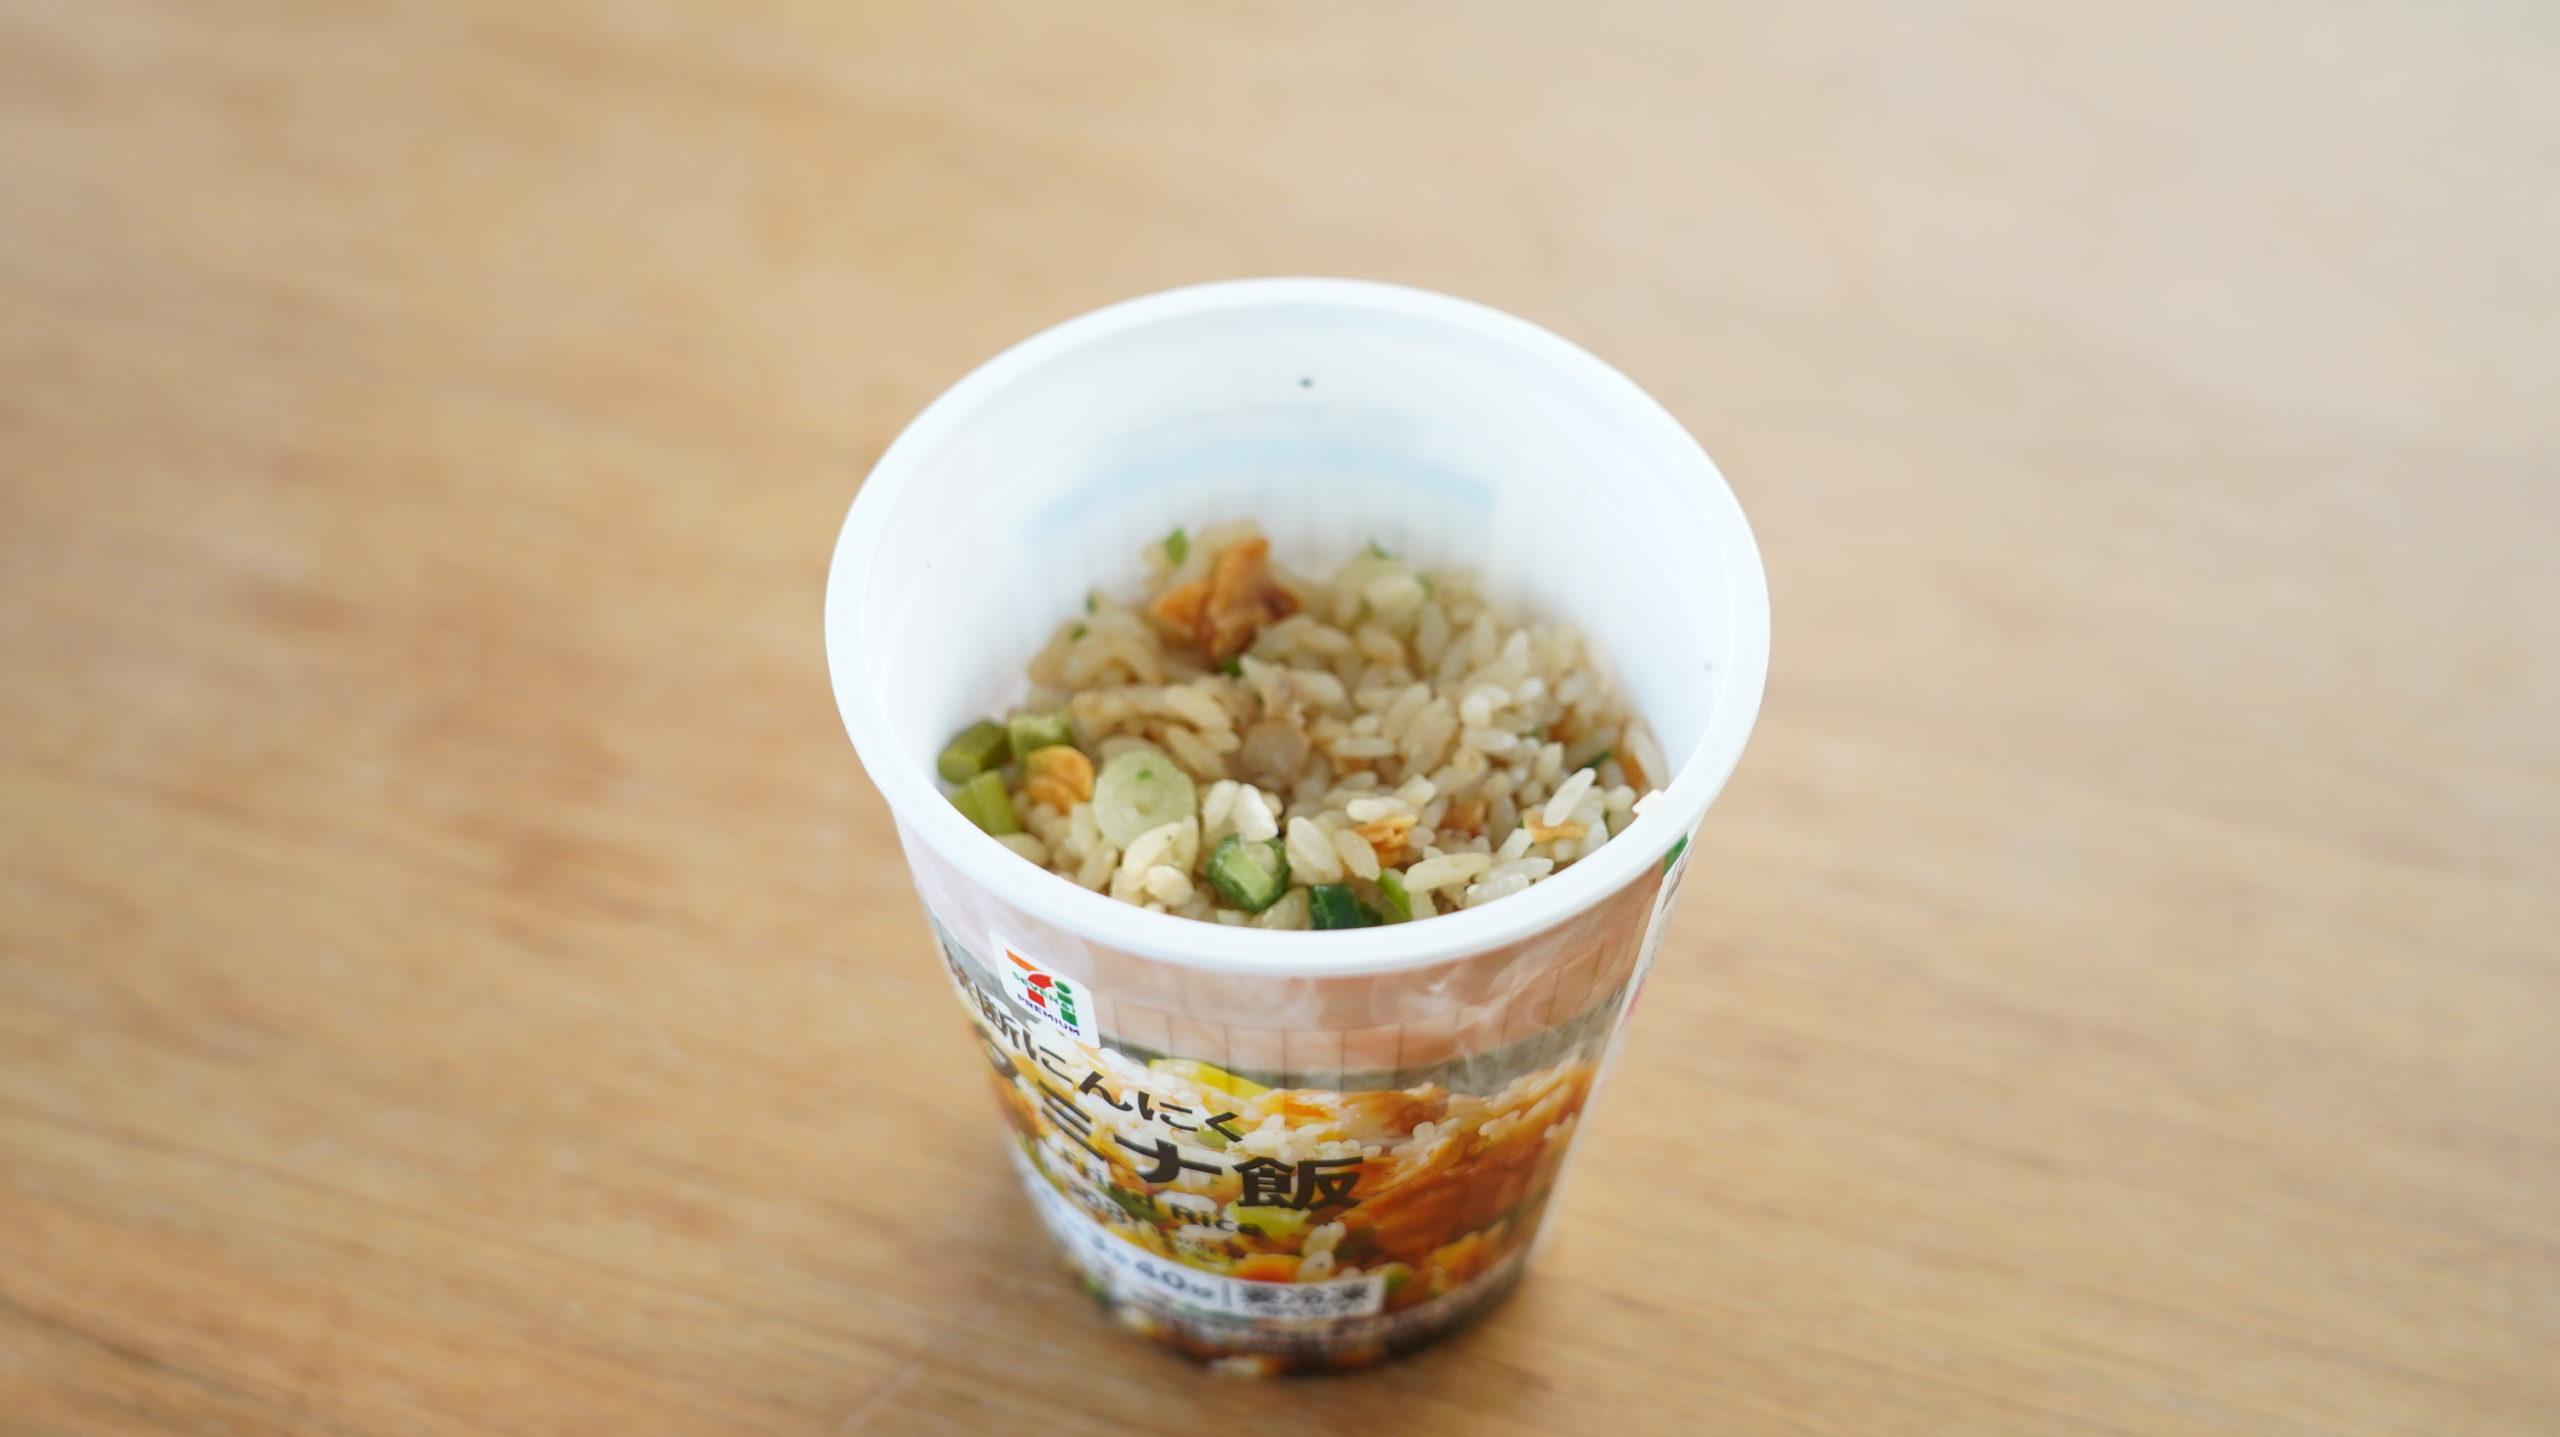 セブンイレブンの冷凍食品「禁断にんにくスタミナ飯」の全体の写真